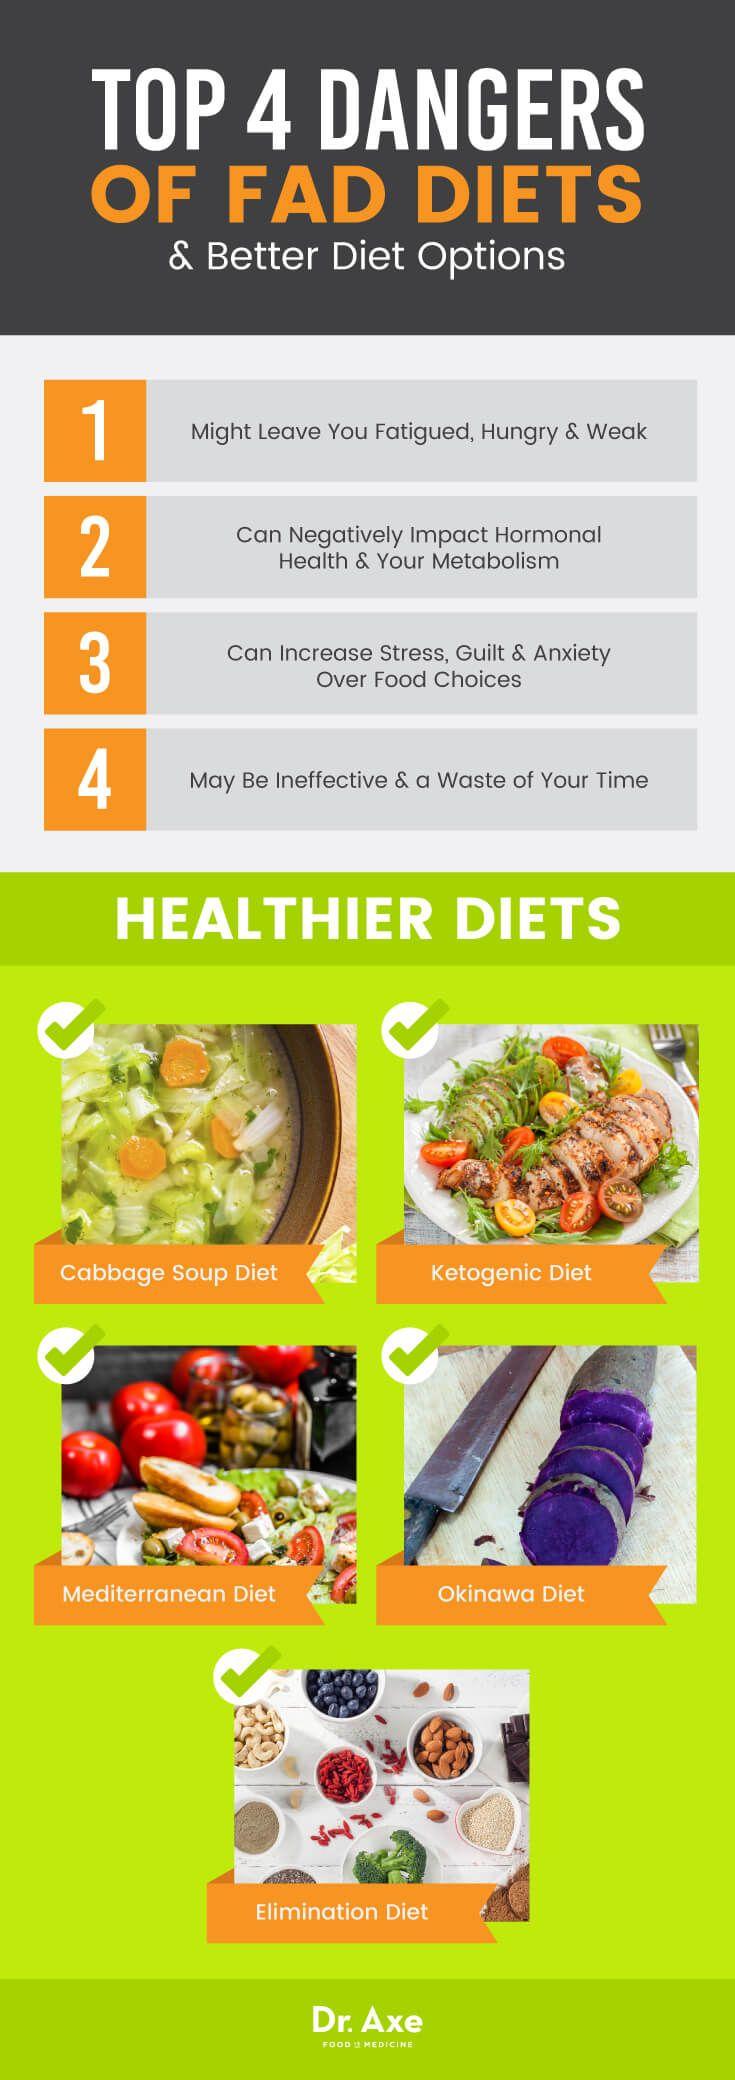 5 most dangerous diets